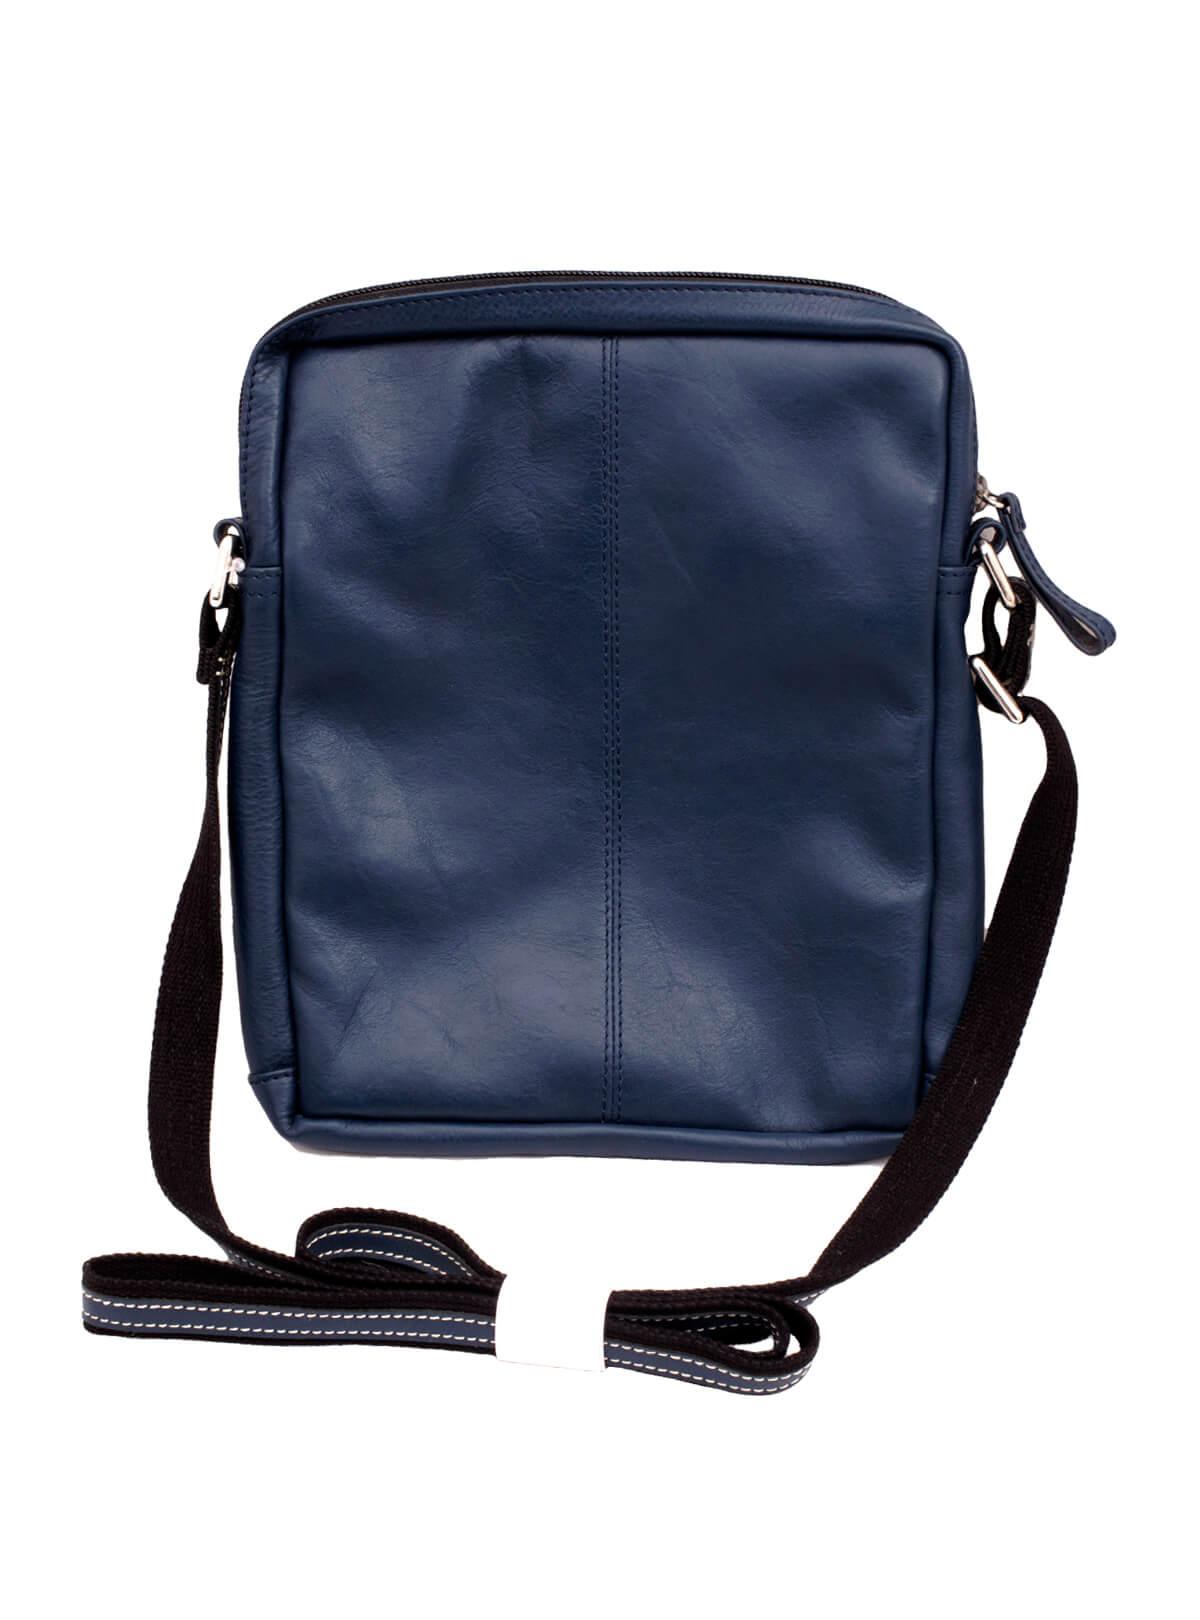 Gents Leather Messenger Bag